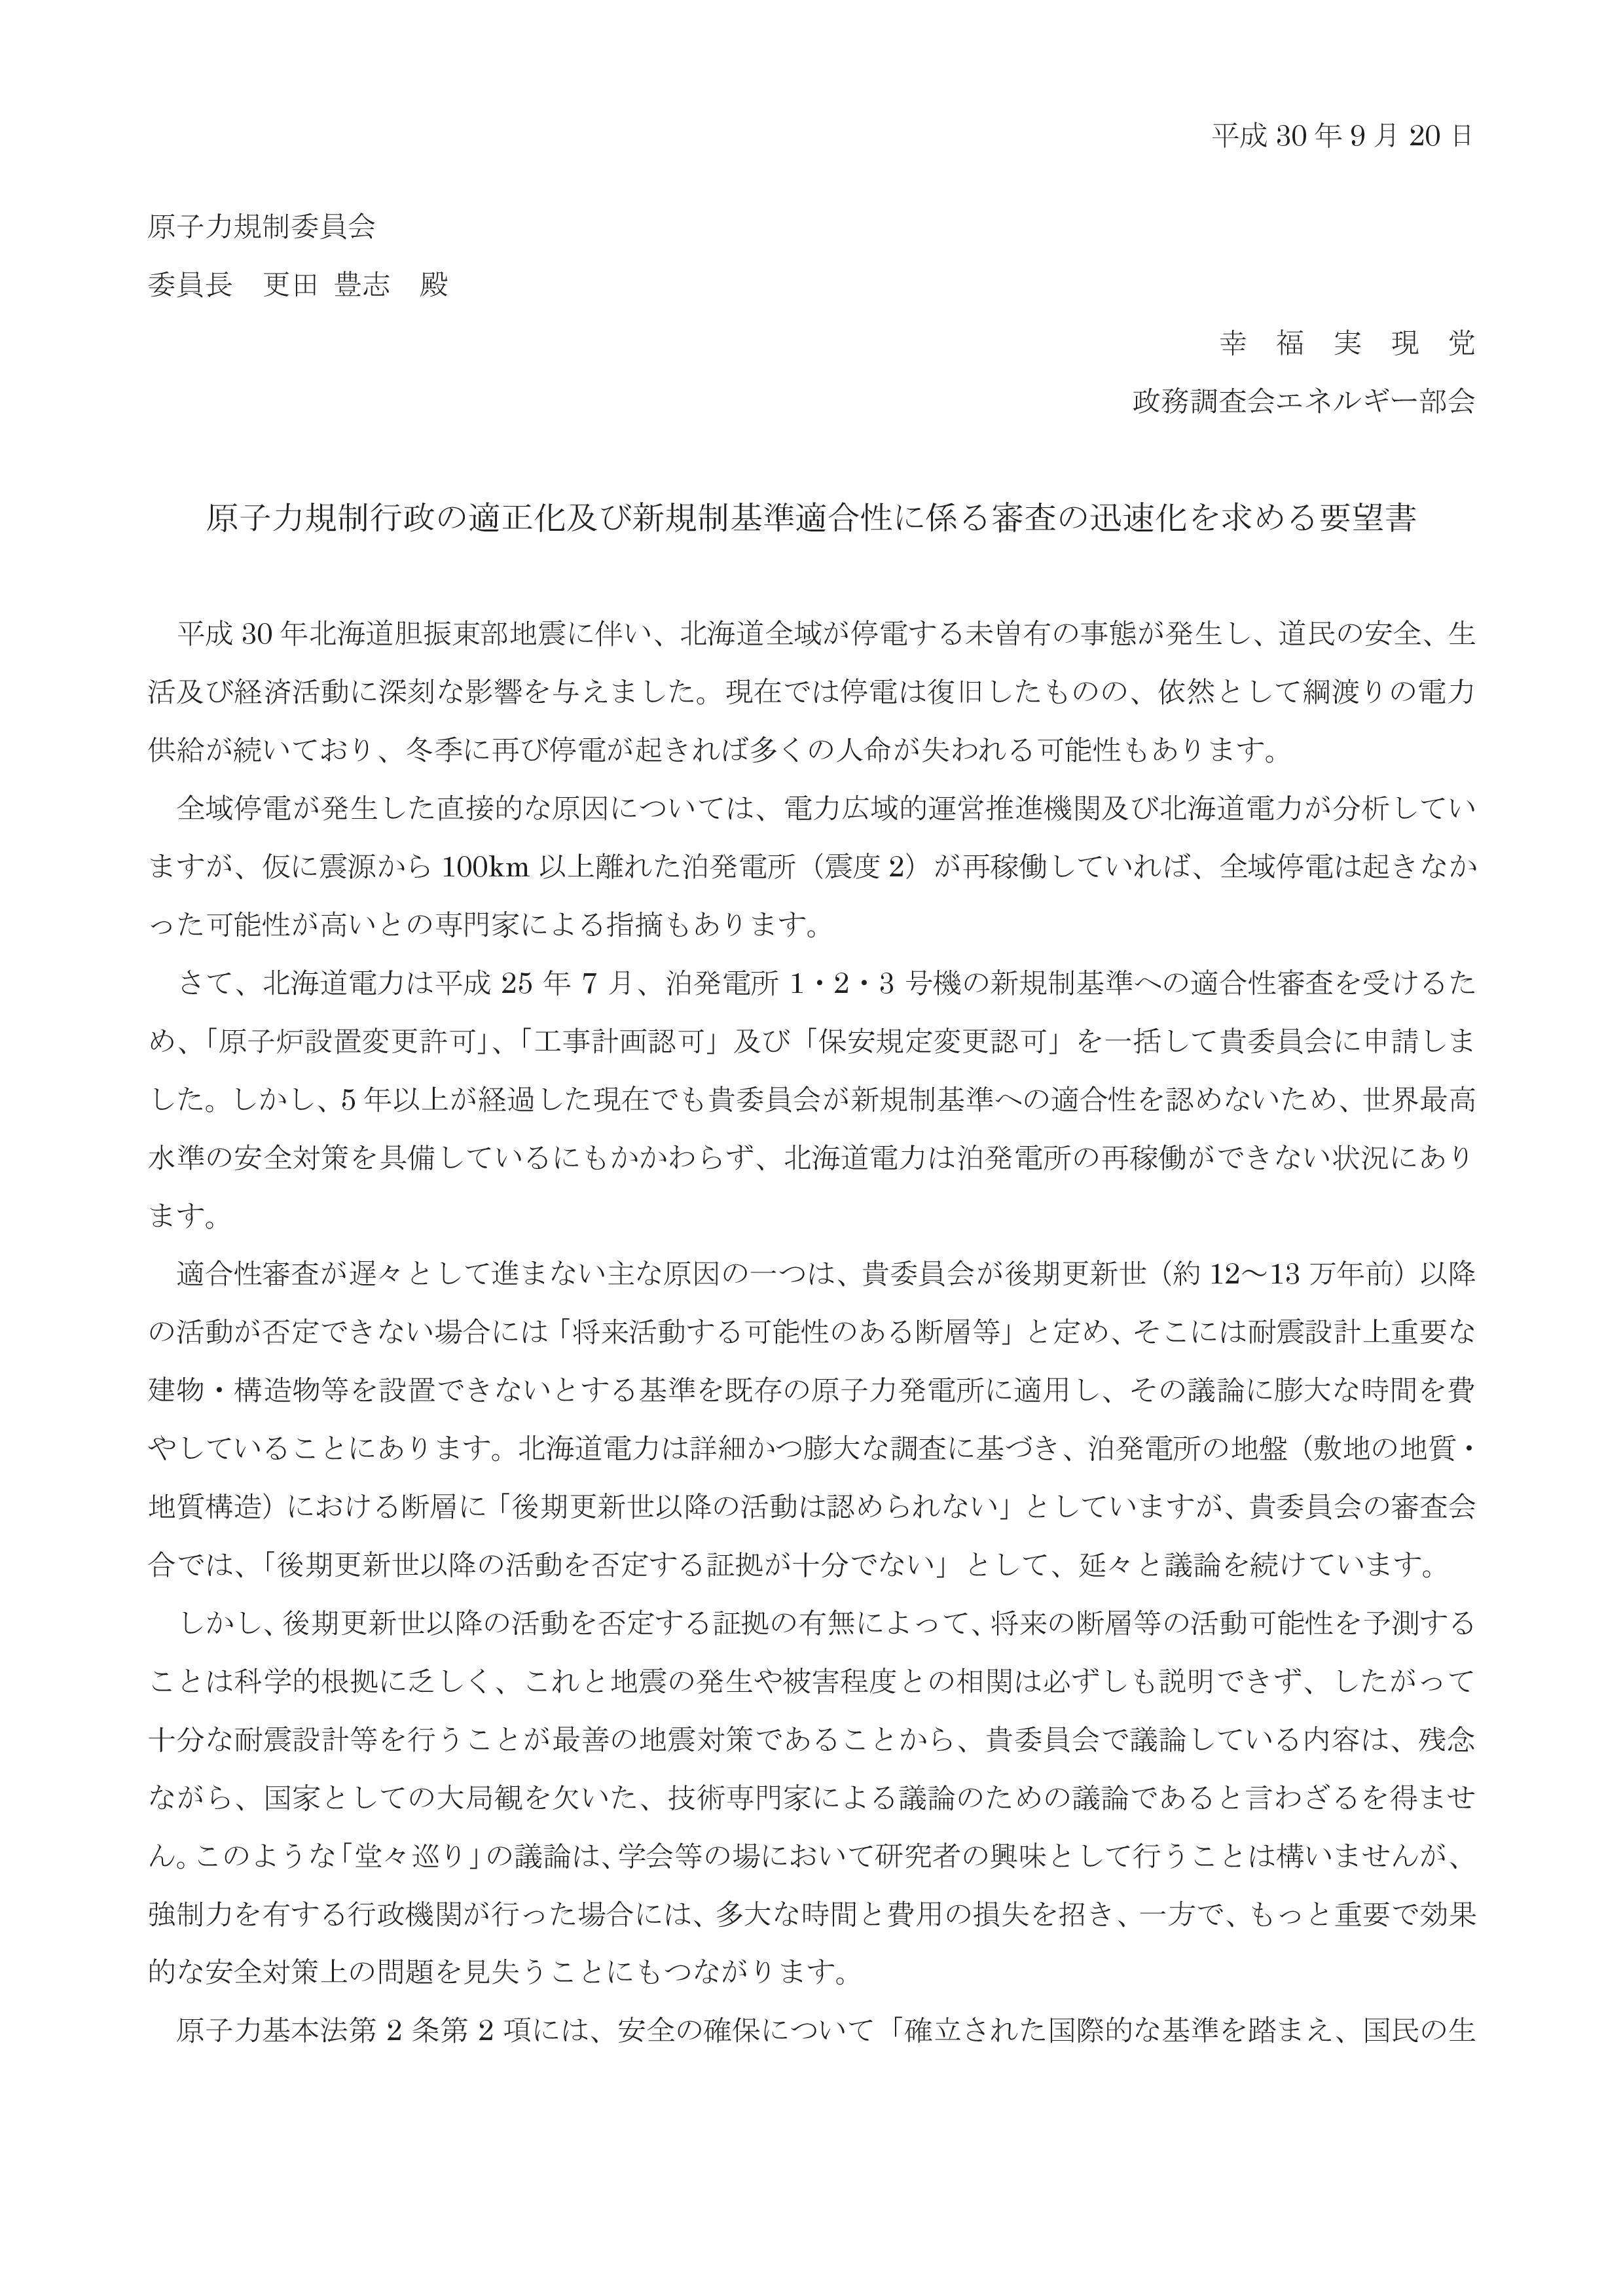 【原子力規制員会宛】要望書-001